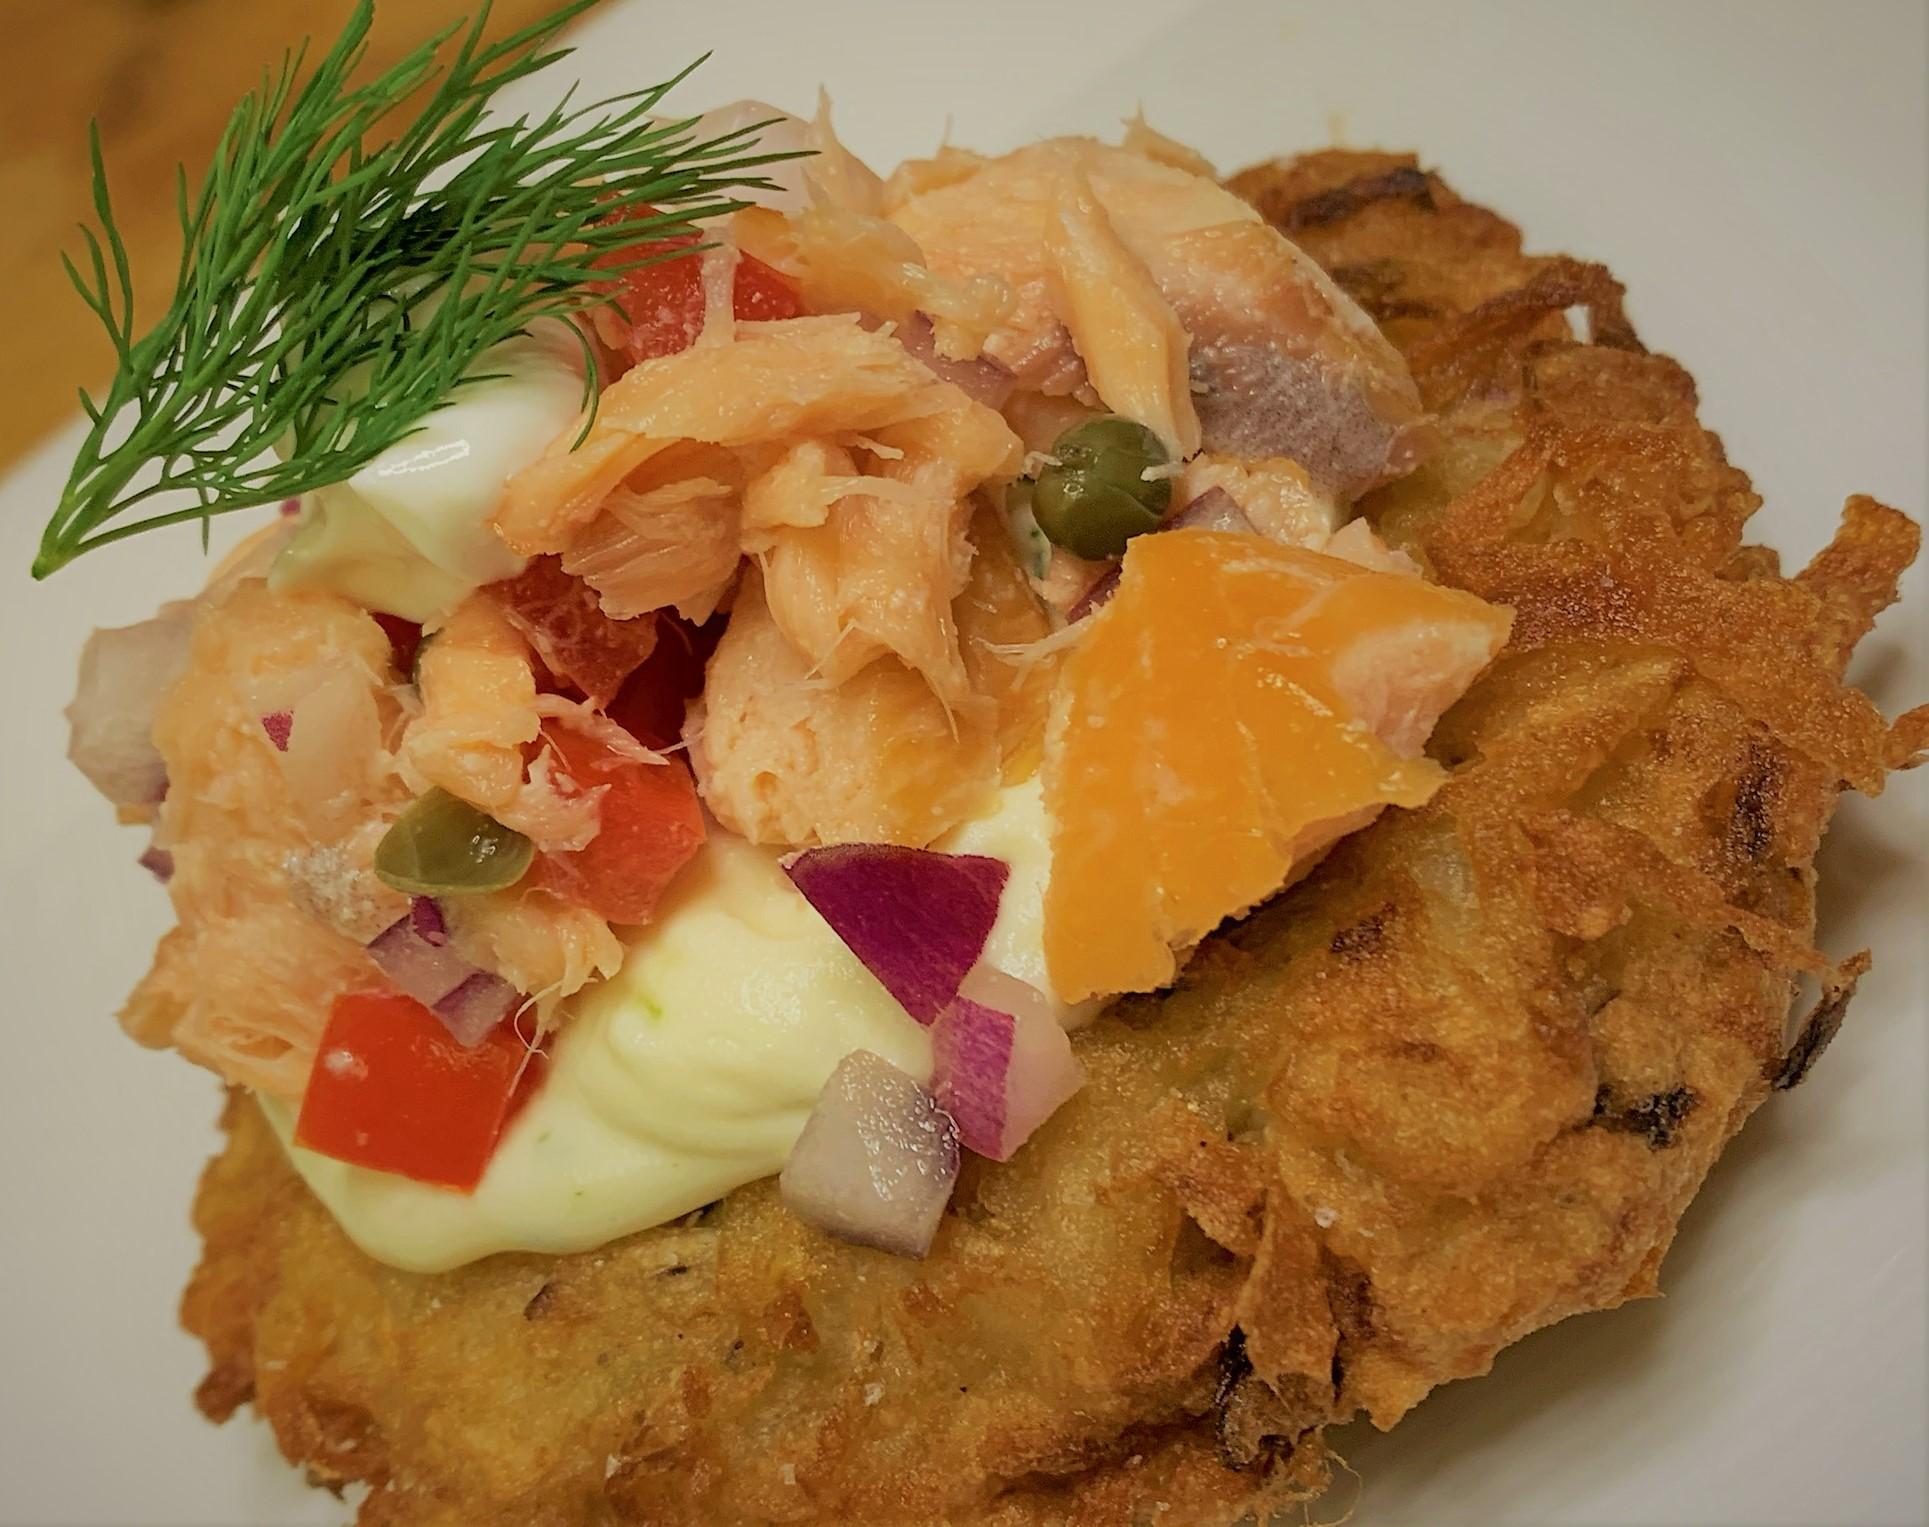 Our plated Smoked Salmon Potato Latke - Smoked Salmon Potato Latkes